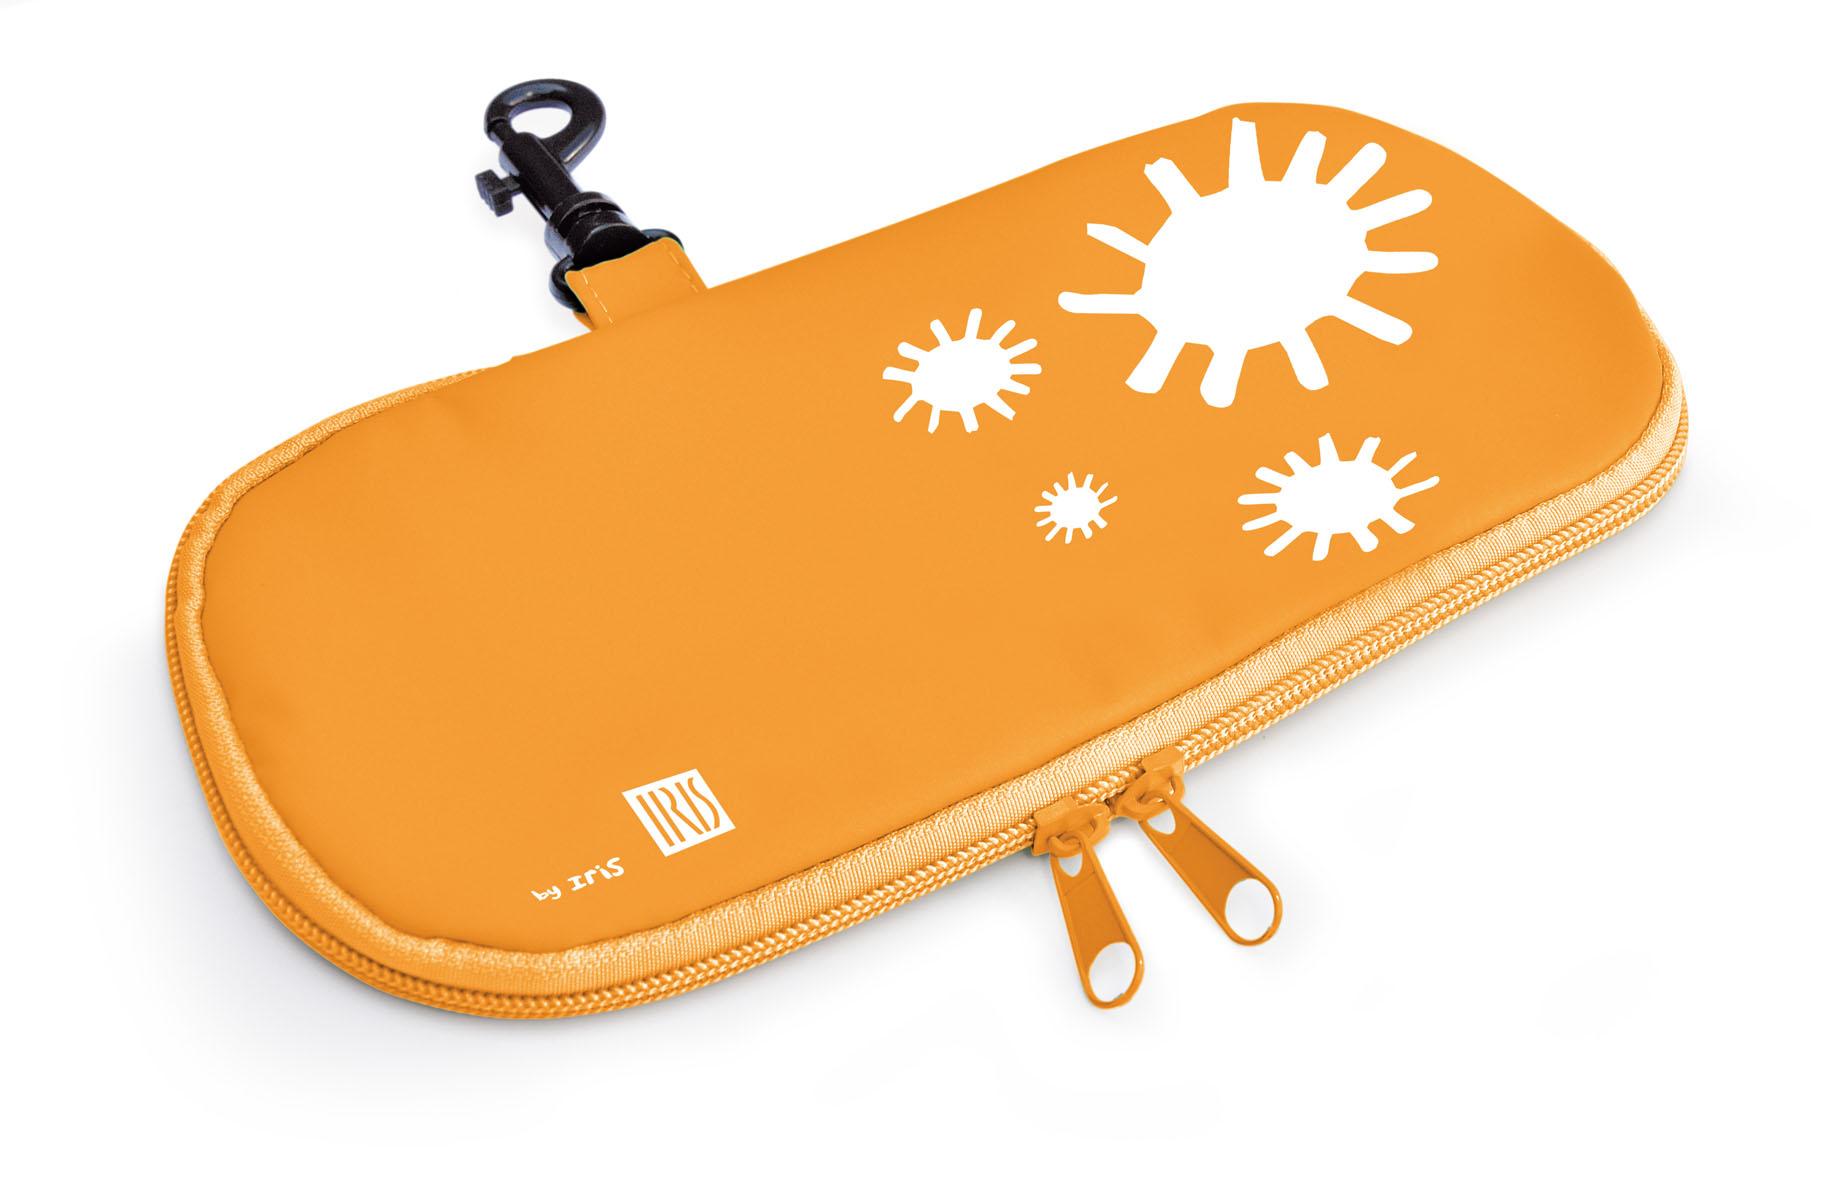 Термобутербродница мягкая Iris Barcelona Kids, цвет: оранжевый, 24 см х 12 см9928-TNМягкая термобутербродница Iris Barcelona Kids идеально подходит, чтобы взять в школу, на прогулку или в поездку. В течение нескольких часов сохранит еду свежей и вкусной благодаря специальному внутреннему покрытию из теплоизолирующего материала. Специальный фиксирующий поясок не позволит бутерброду распасться.Безопасный пластмассовый карабин позволит легко пристегнуть бутербродницу к ранцу или сумке.Заменяет все одноразовые упаковки. При бережном использовании прослужит не один год.